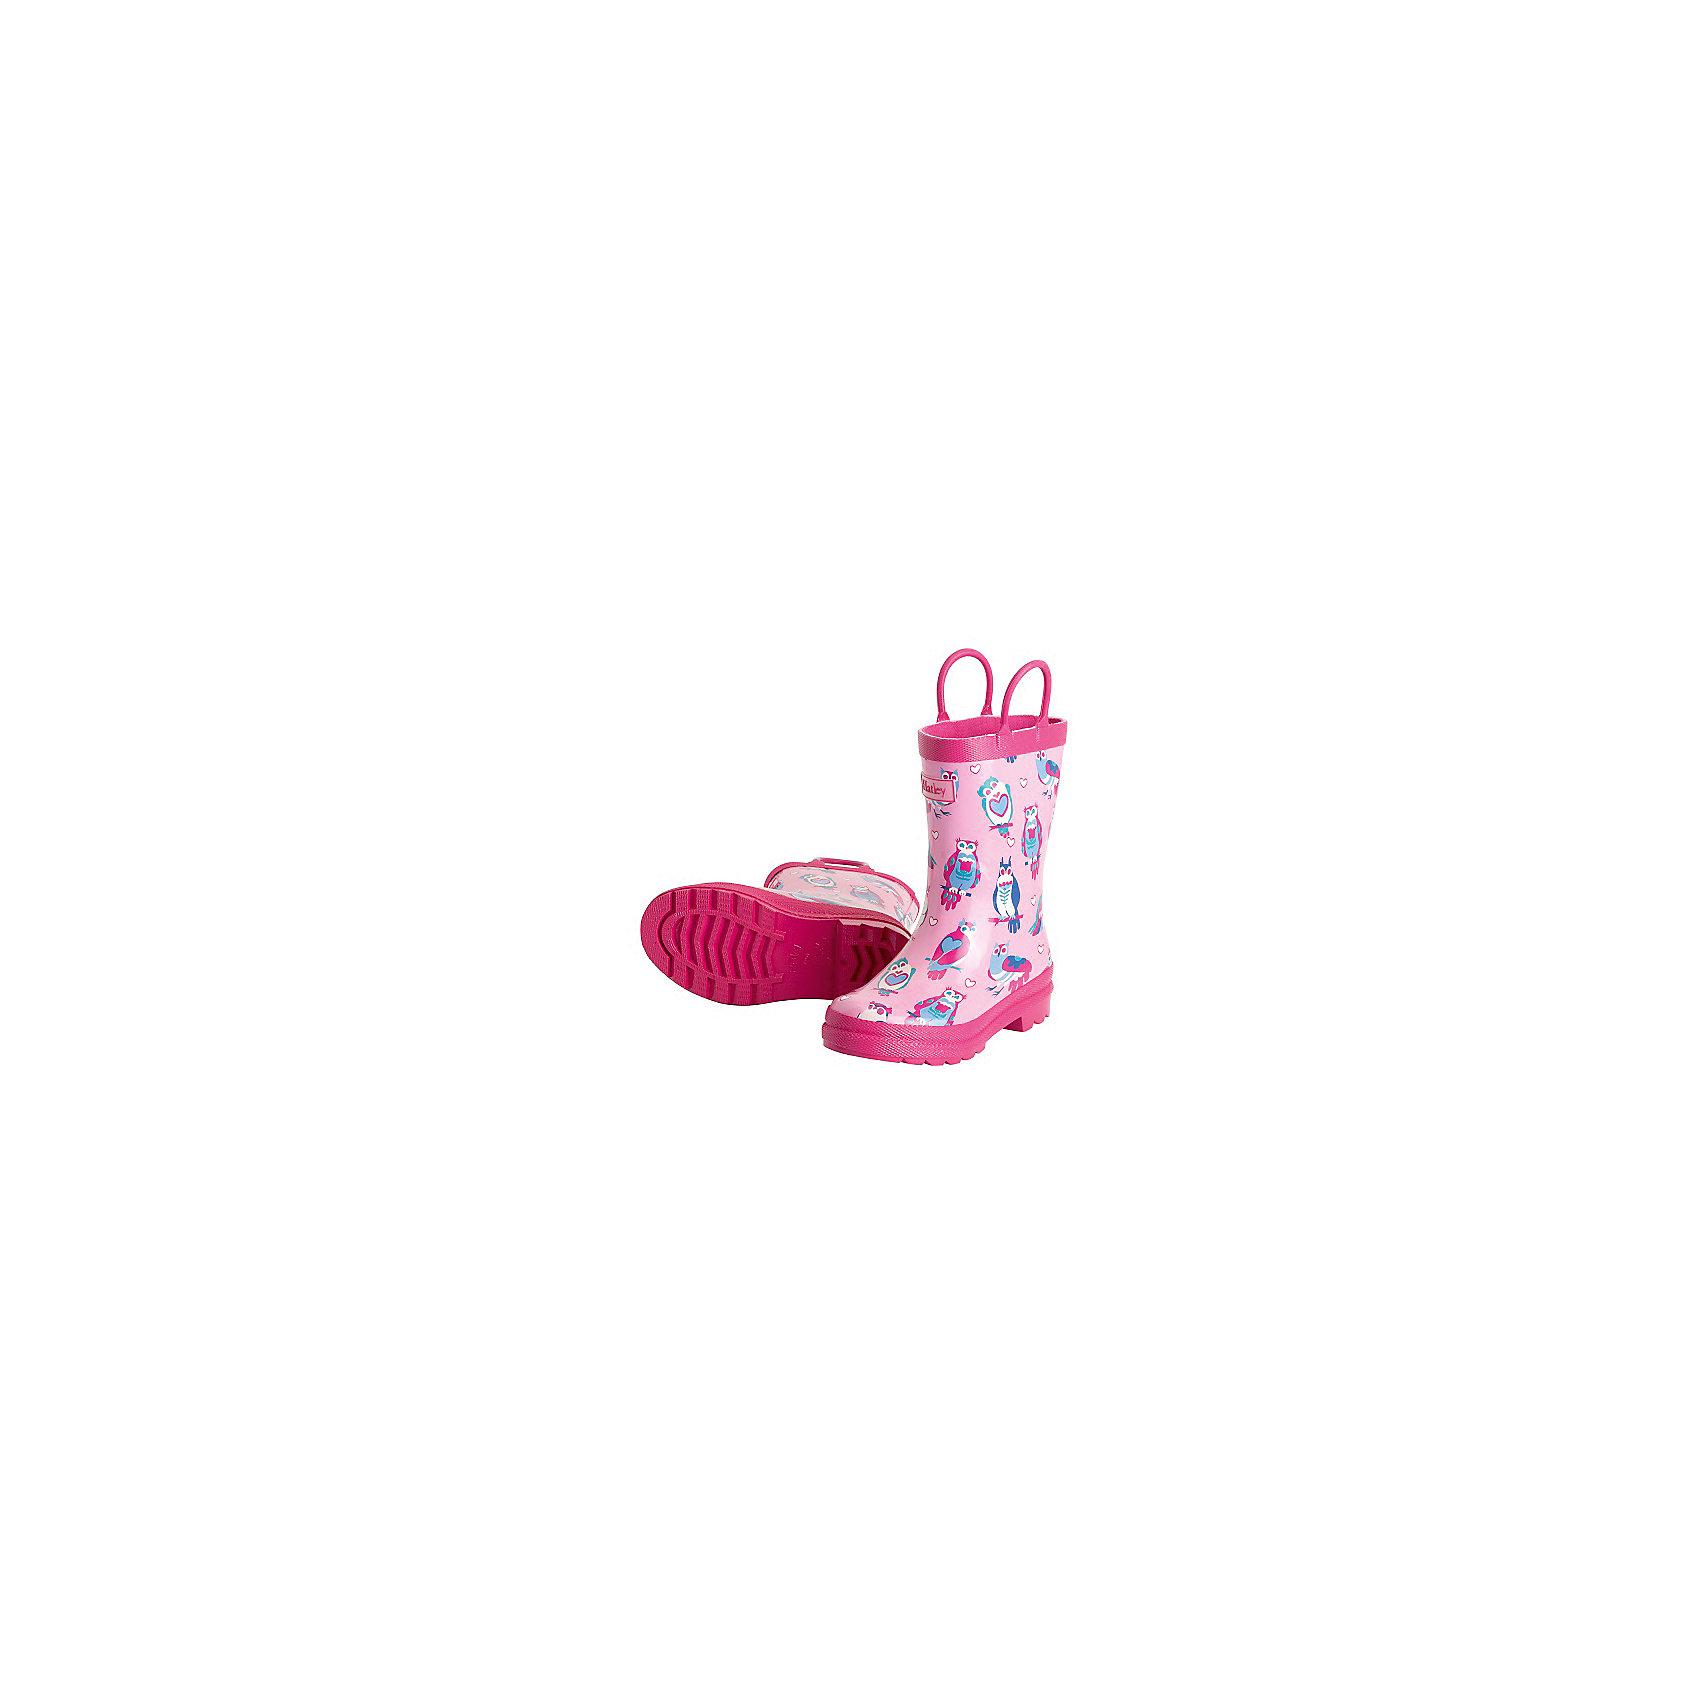 Резиновые сапоги для девочки HatleyРезиновые сапоги<br>Сапоги для девочки Hatley<br><br>Характеристики:<br><br>• Состав: верх - каучук синтетический 100%, подкладка - 100% хлопок<br>• Цвет: розовый<br><br>Яркие, стильные и модные резиновые сапоги для девочки сделаны из высококачественных материалов. Резина сока каучуковых деревьев не даст ножкам промокнуть, а хлопковая подкладка защитит от холода. Внутри есть стелька с аркой, которая способствует правильному формированию стопы. По бокам есть удобные ручки. <br><br>Сапоги для девочки Hatley можно купить в нашем интернет-магазине.<br><br>Ширина мм: 237<br>Глубина мм: 180<br>Высота мм: 152<br>Вес г: 438<br>Цвет: розовый<br>Возраст от месяцев: 72<br>Возраст до месяцев: 84<br>Пол: Женский<br>Возраст: Детский<br>Размер: 30,25,27,28,24<br>SKU: 5020952